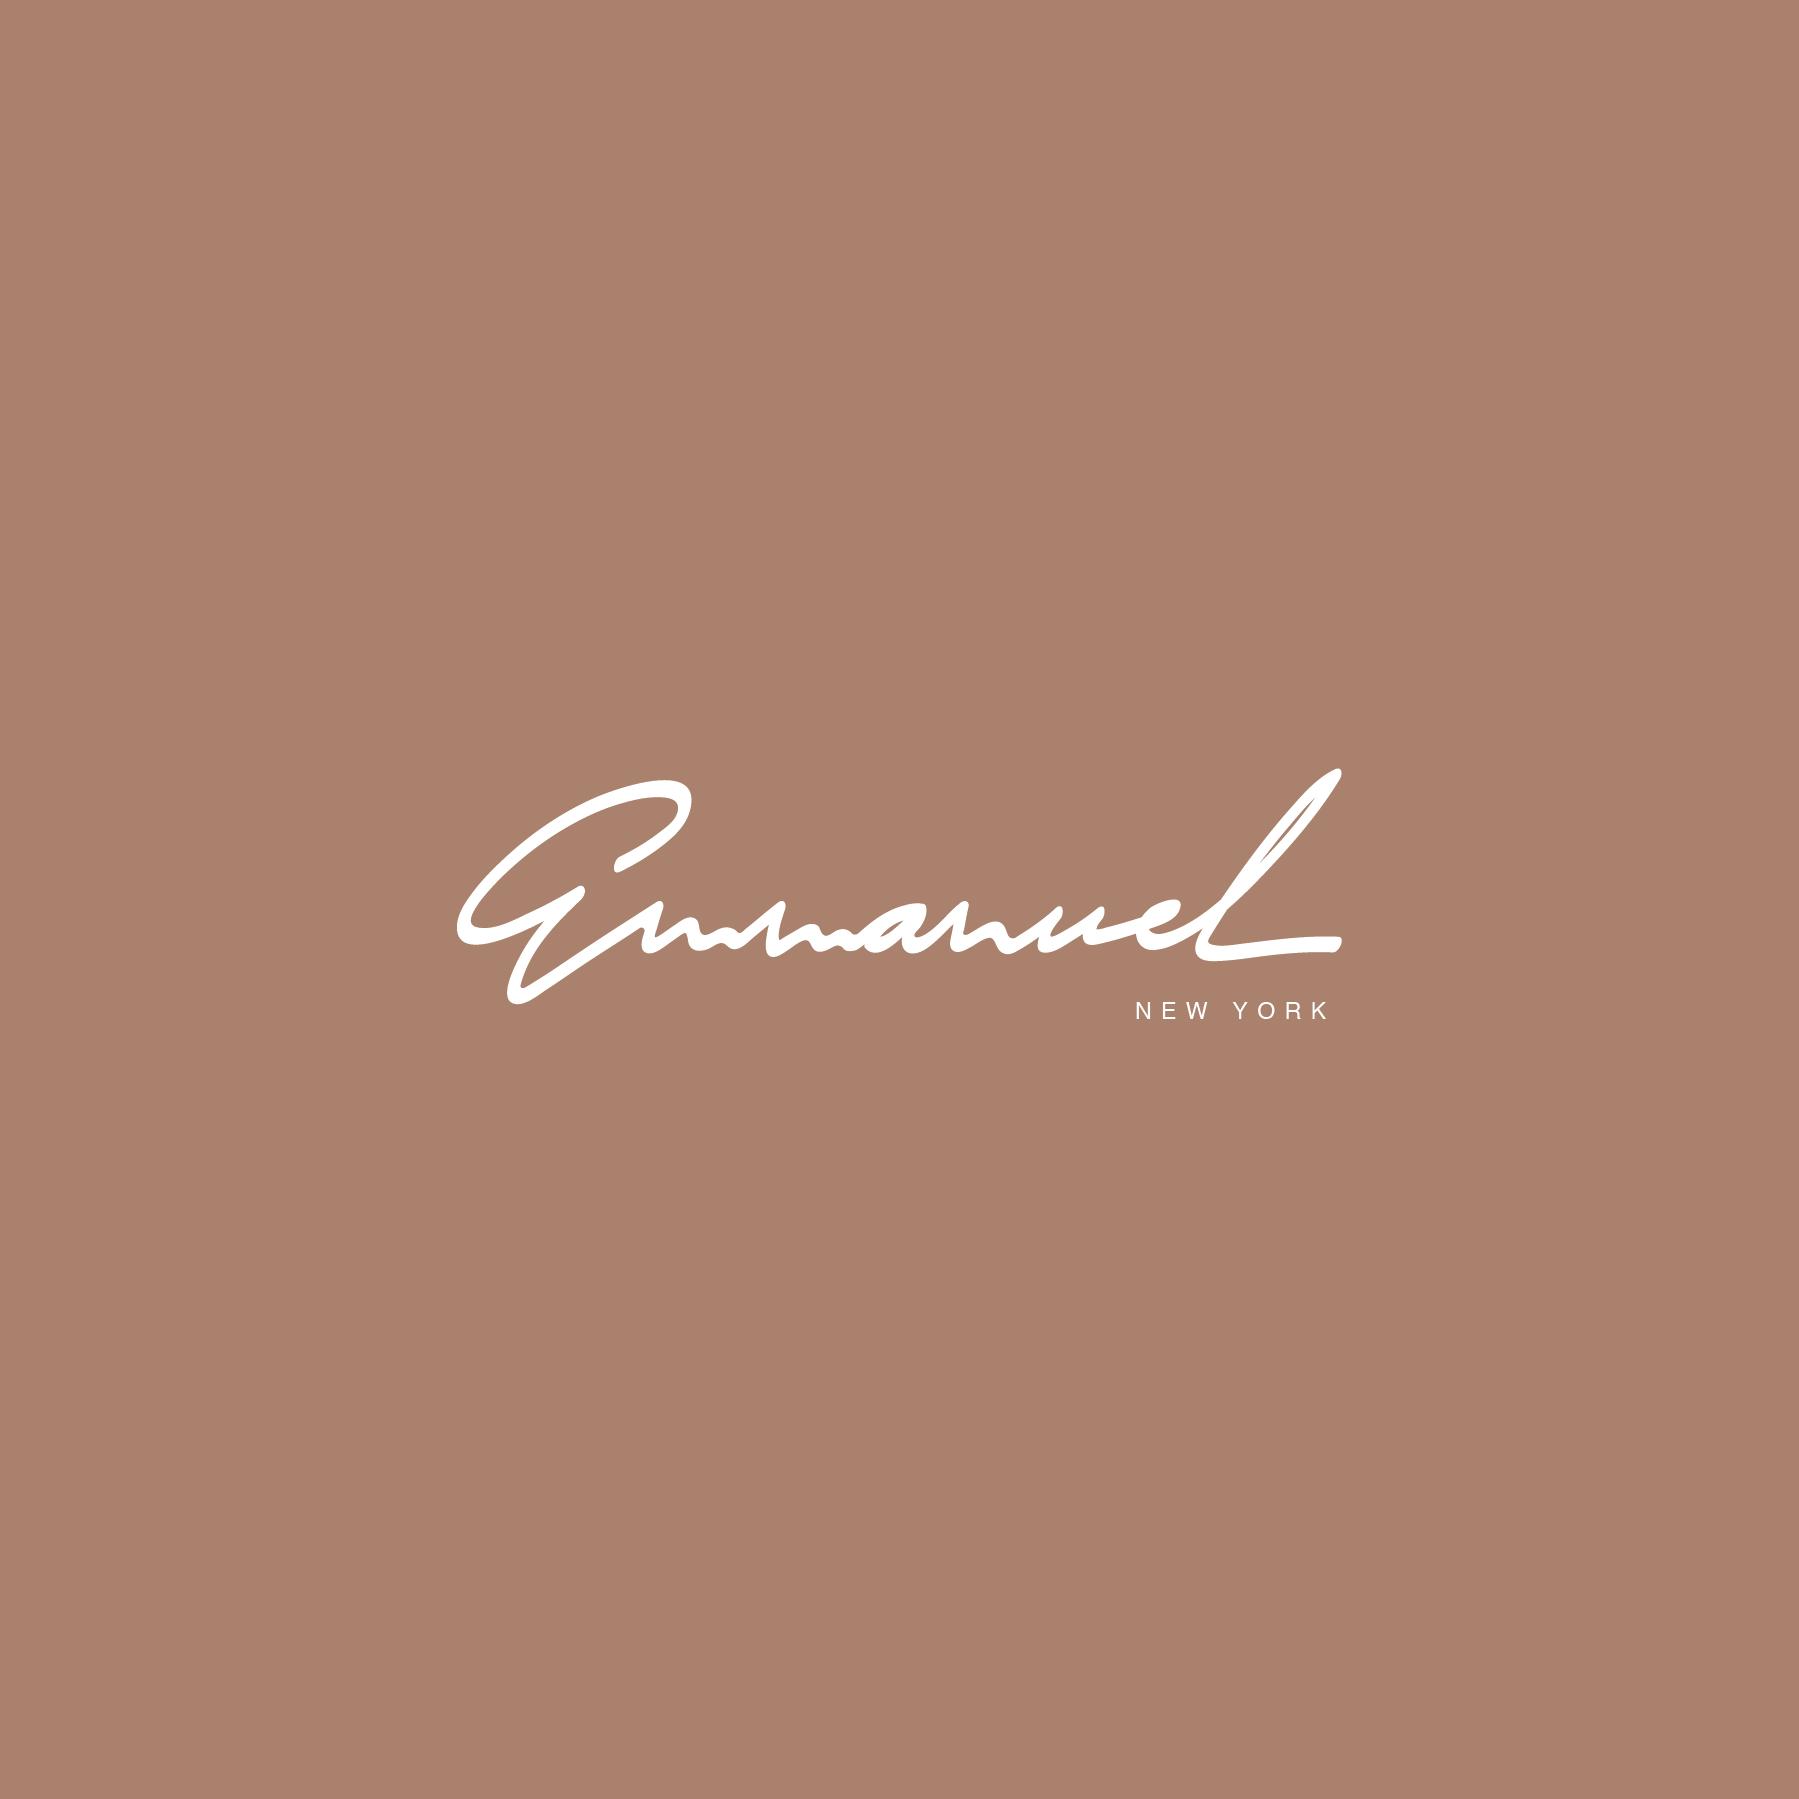 emmanuelle_logo-11.png